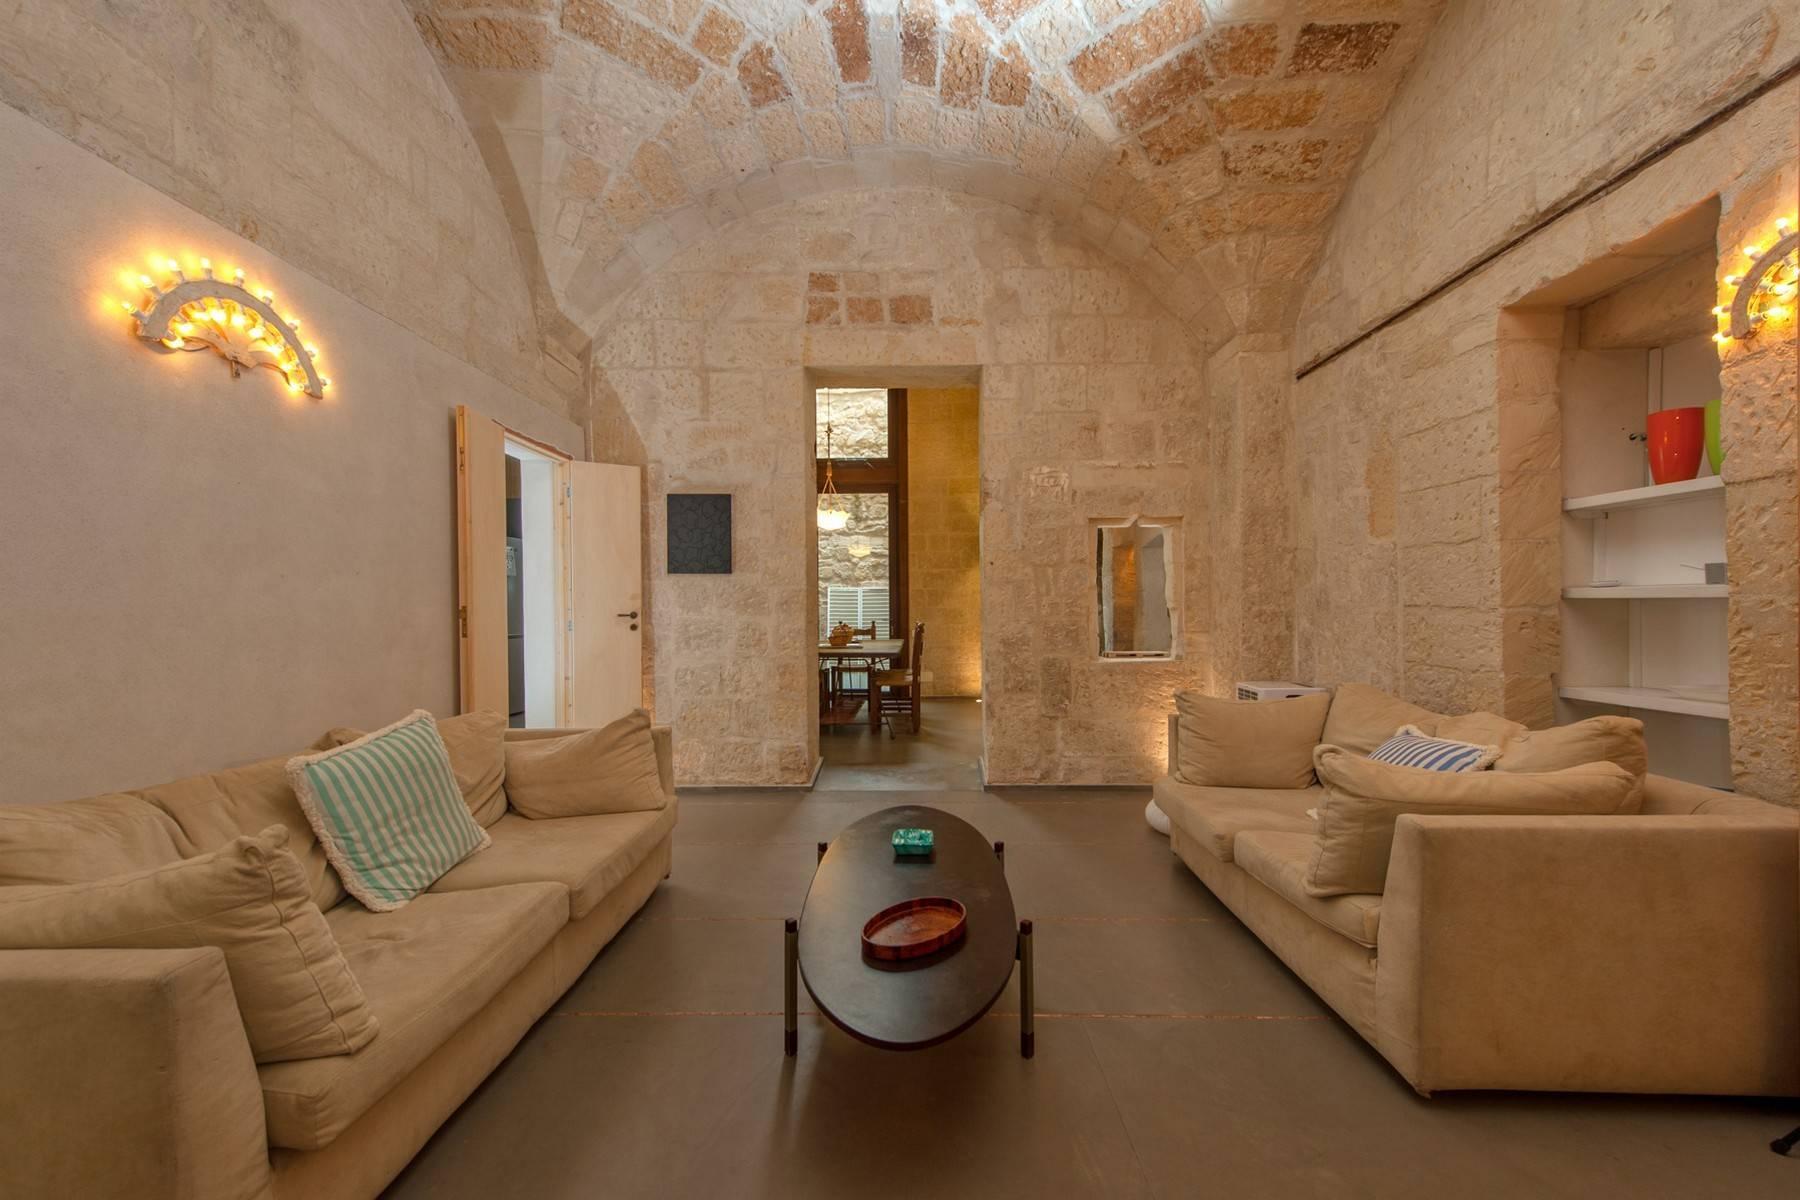 Abitazione indipendente di charme nel cuore del Barocco Leccese - 1